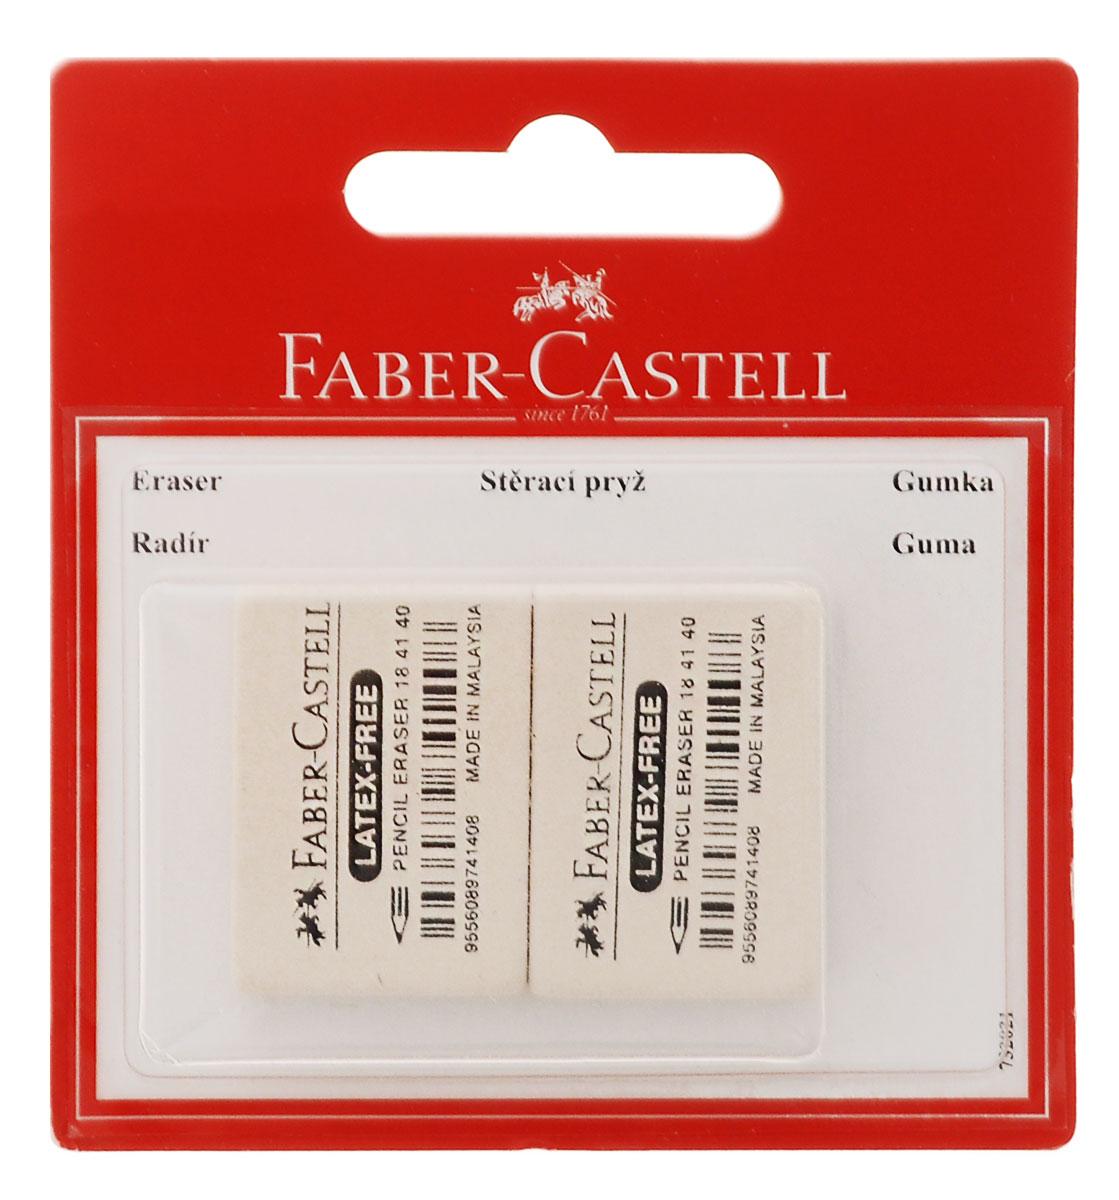 Faber-Castell Ластик 7040 2 шт263223Ластик Faber-Castell из каучука, не содержит ПВХ, пригоден для графитных простых и цветных карандашей. Размеры ластика: 3,5 см х 2,5 см х 0,8 см. В комплекте 2 ластика.